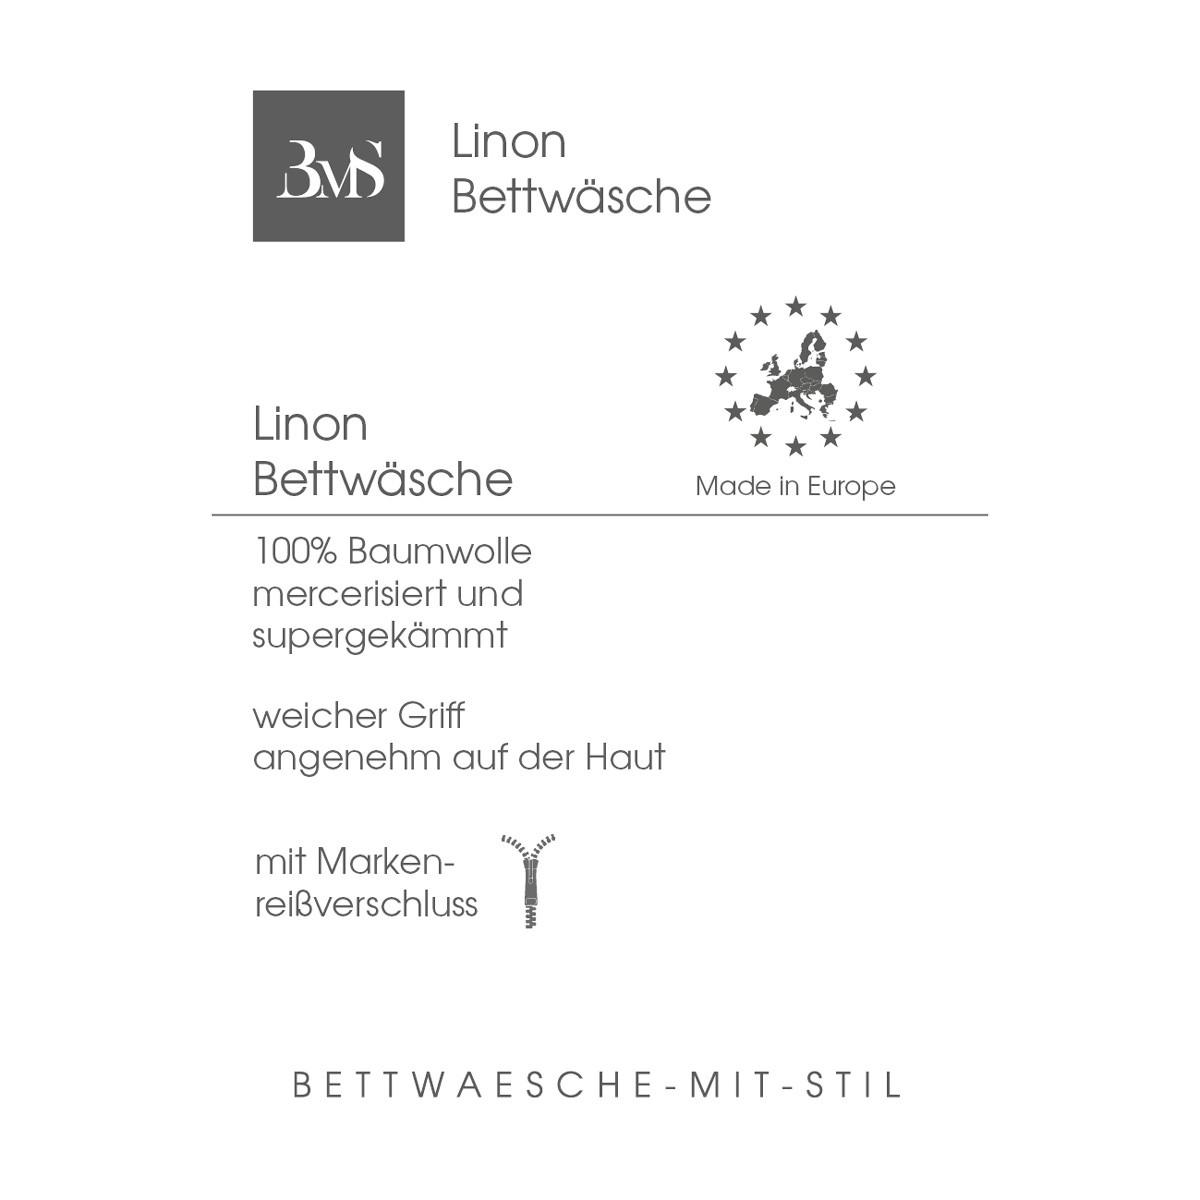 Linon Hotelbettwäsche Weiß Bettwaesche Mit Stil